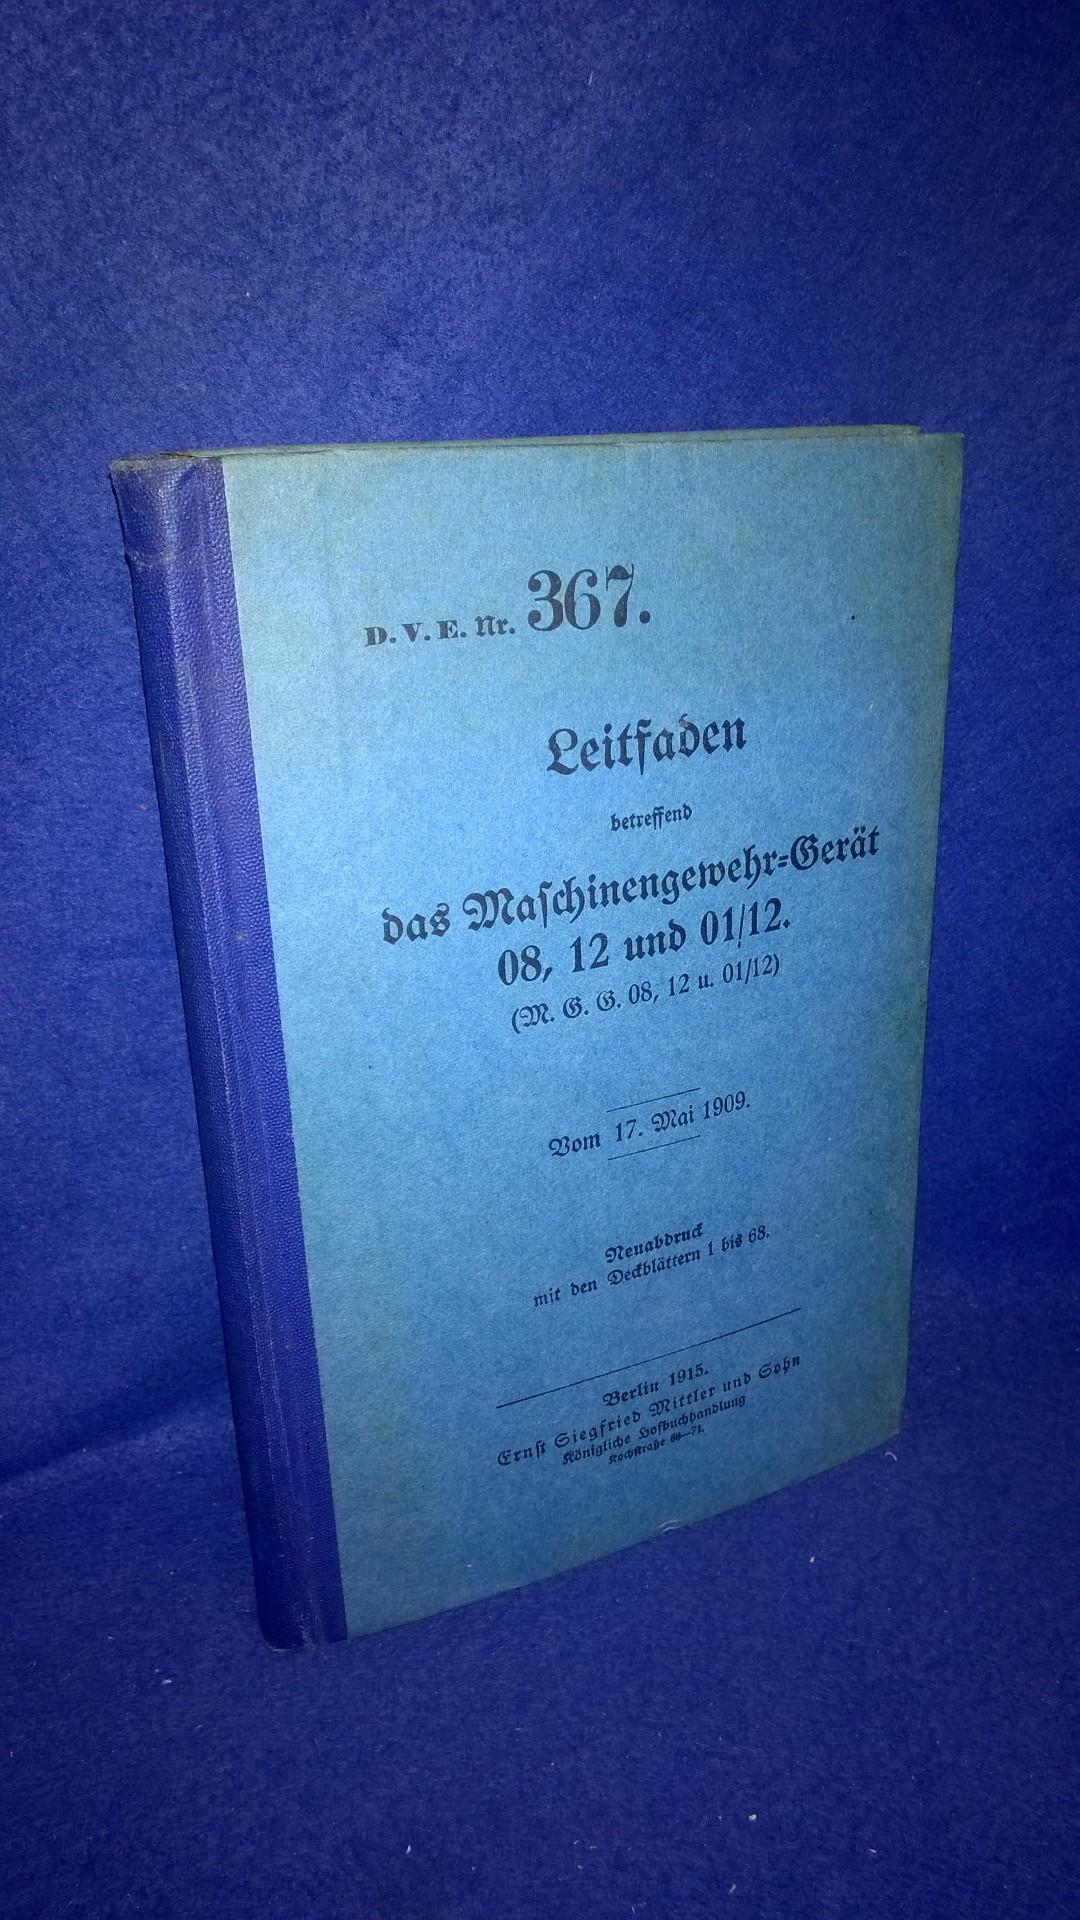 D.V.E. Nr. 367. Leitfaden betreffend das Maschinengewehr-Gerät 08,12 und 01/12.(M.G.G 08,12 u. 01/12). vom 17.Mai 1909. Kriegsausgabe 1915! Seltene Rarität!!